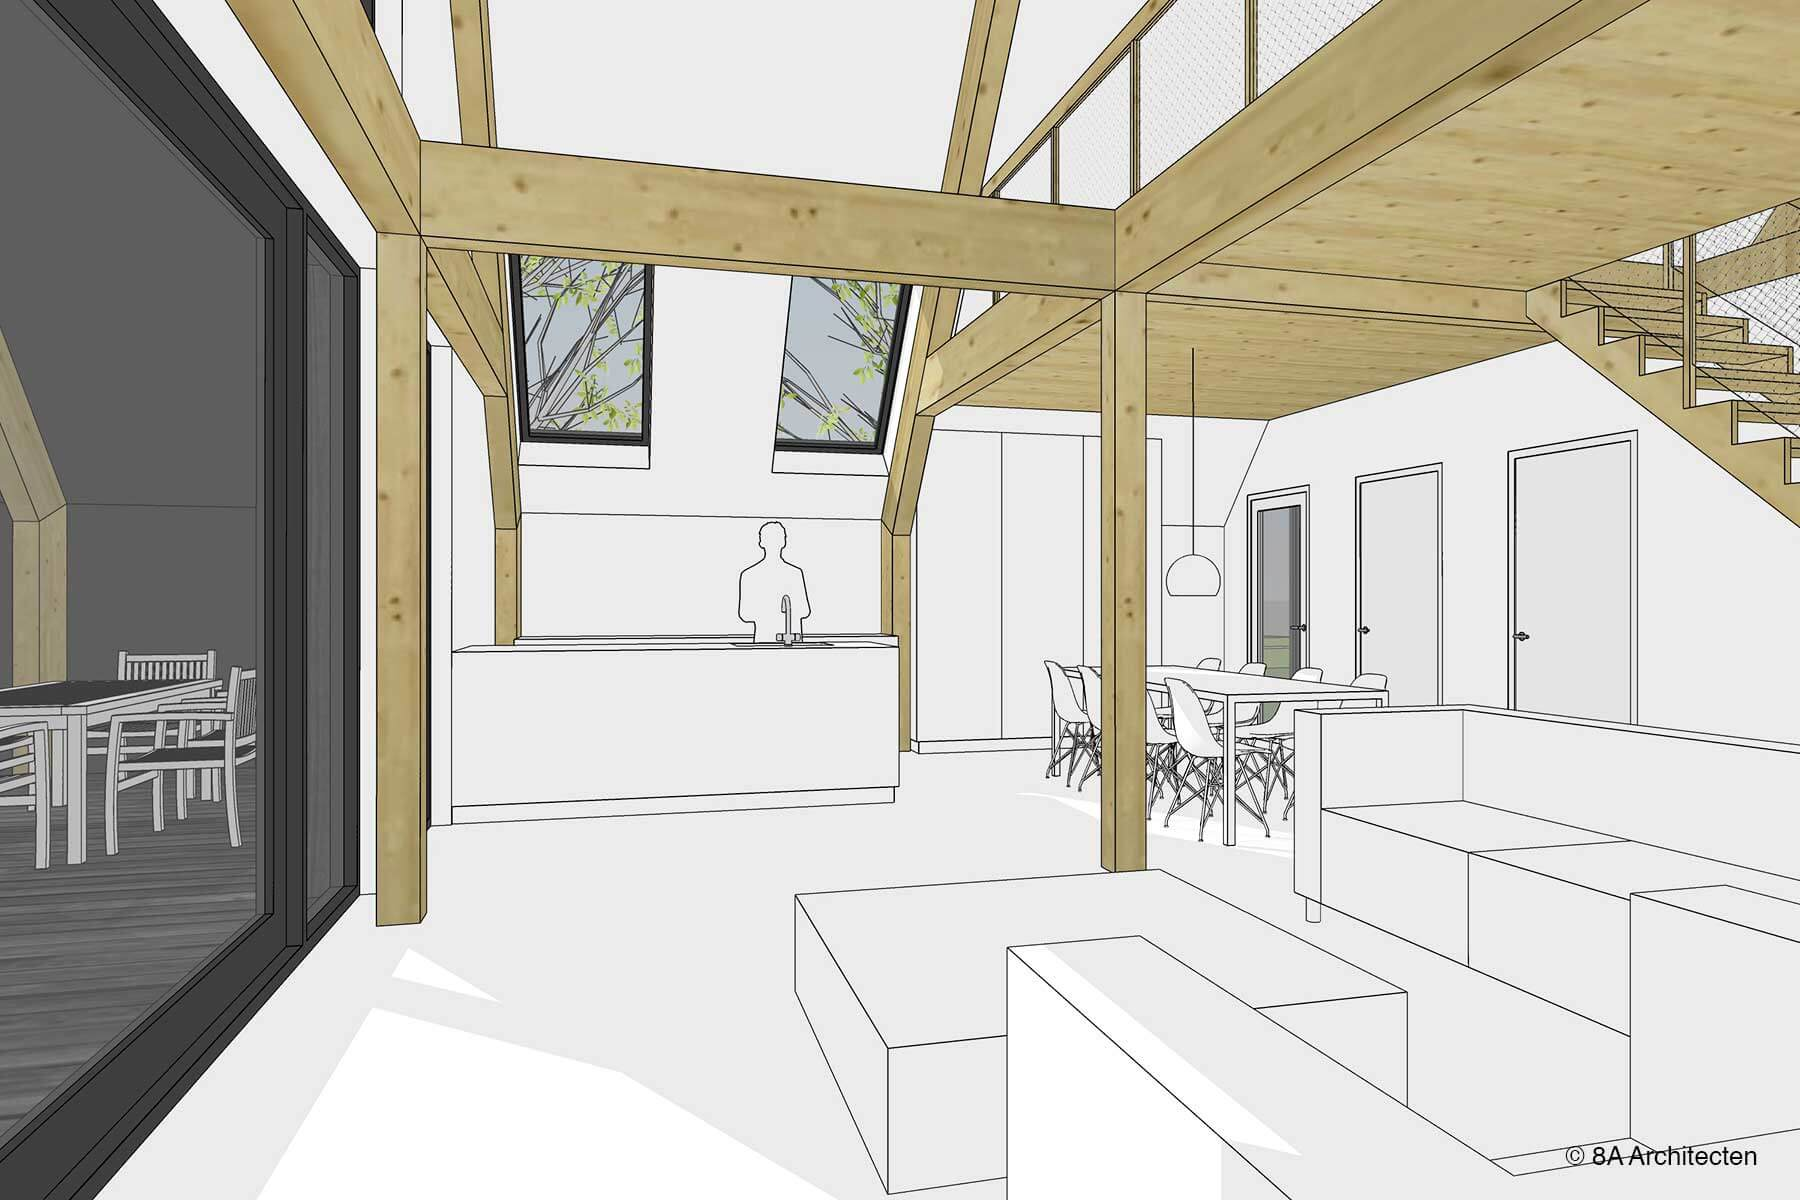 8A Architecten schuurwoning met veranda, Egchel, Limburg